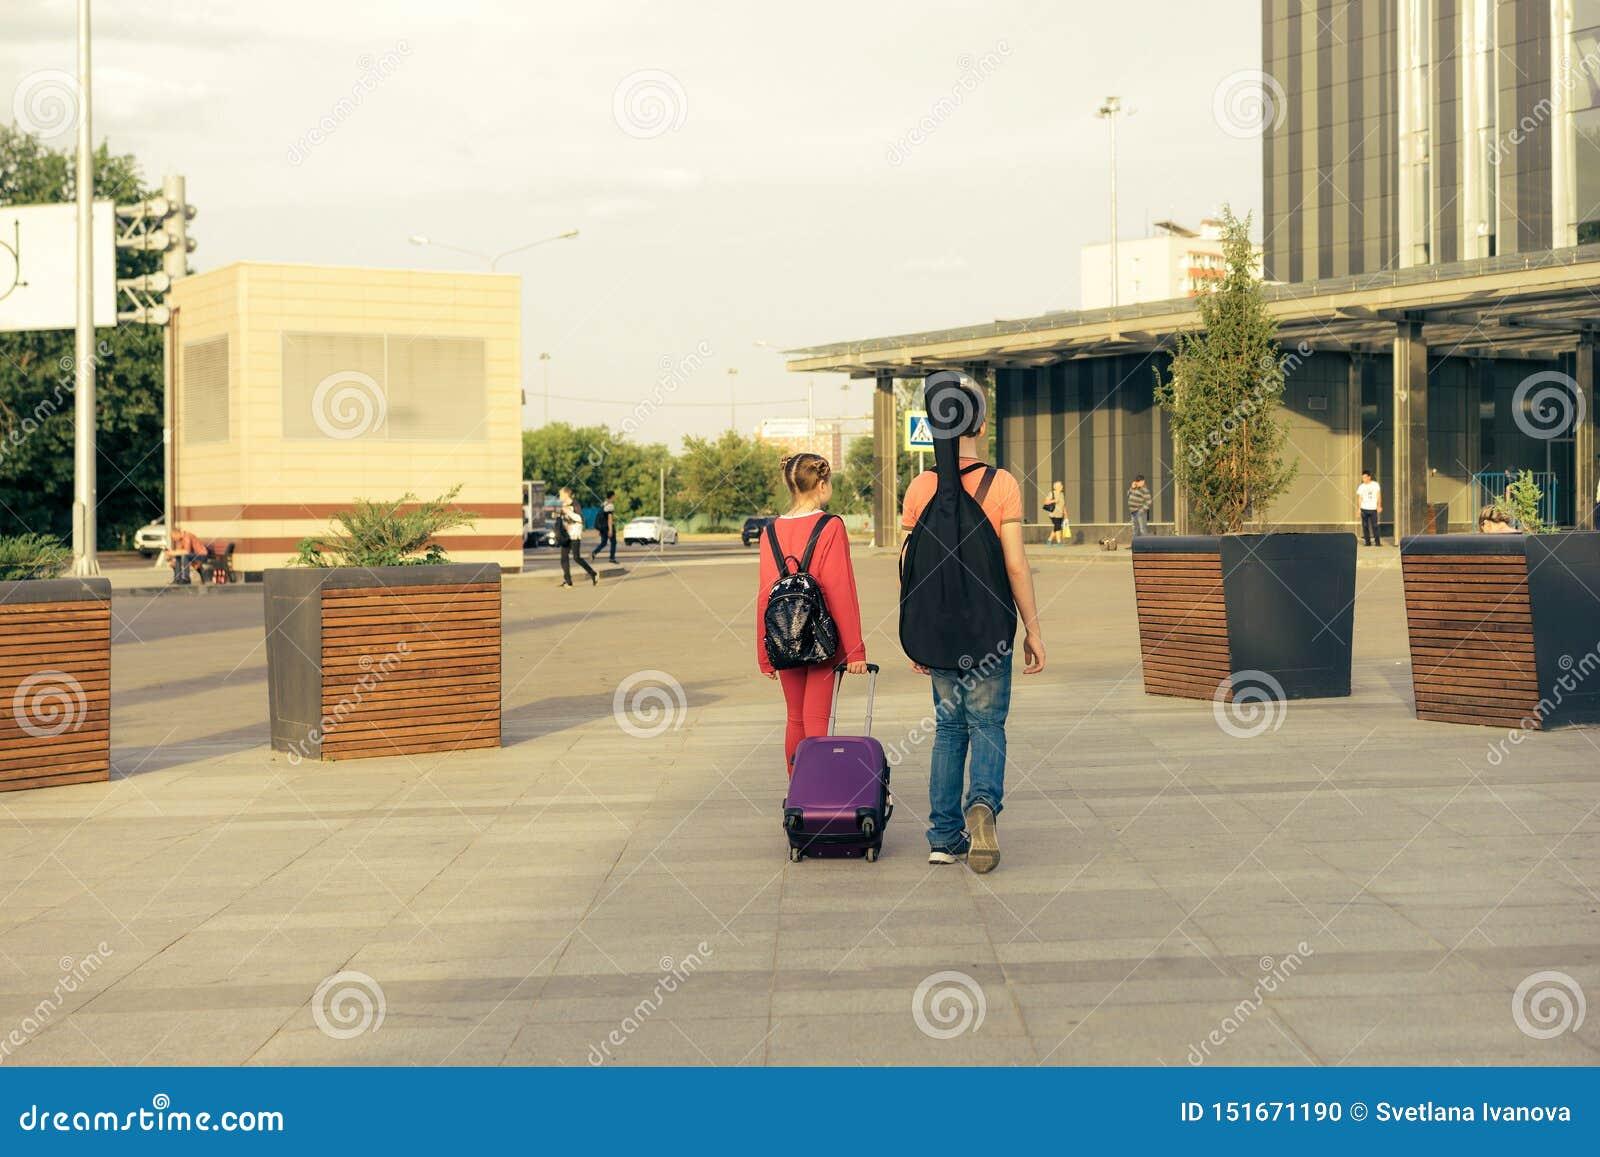 Bruder und Schwester mit einem Koffer, einem Rucksack und einer Gitarre gehen zur Station